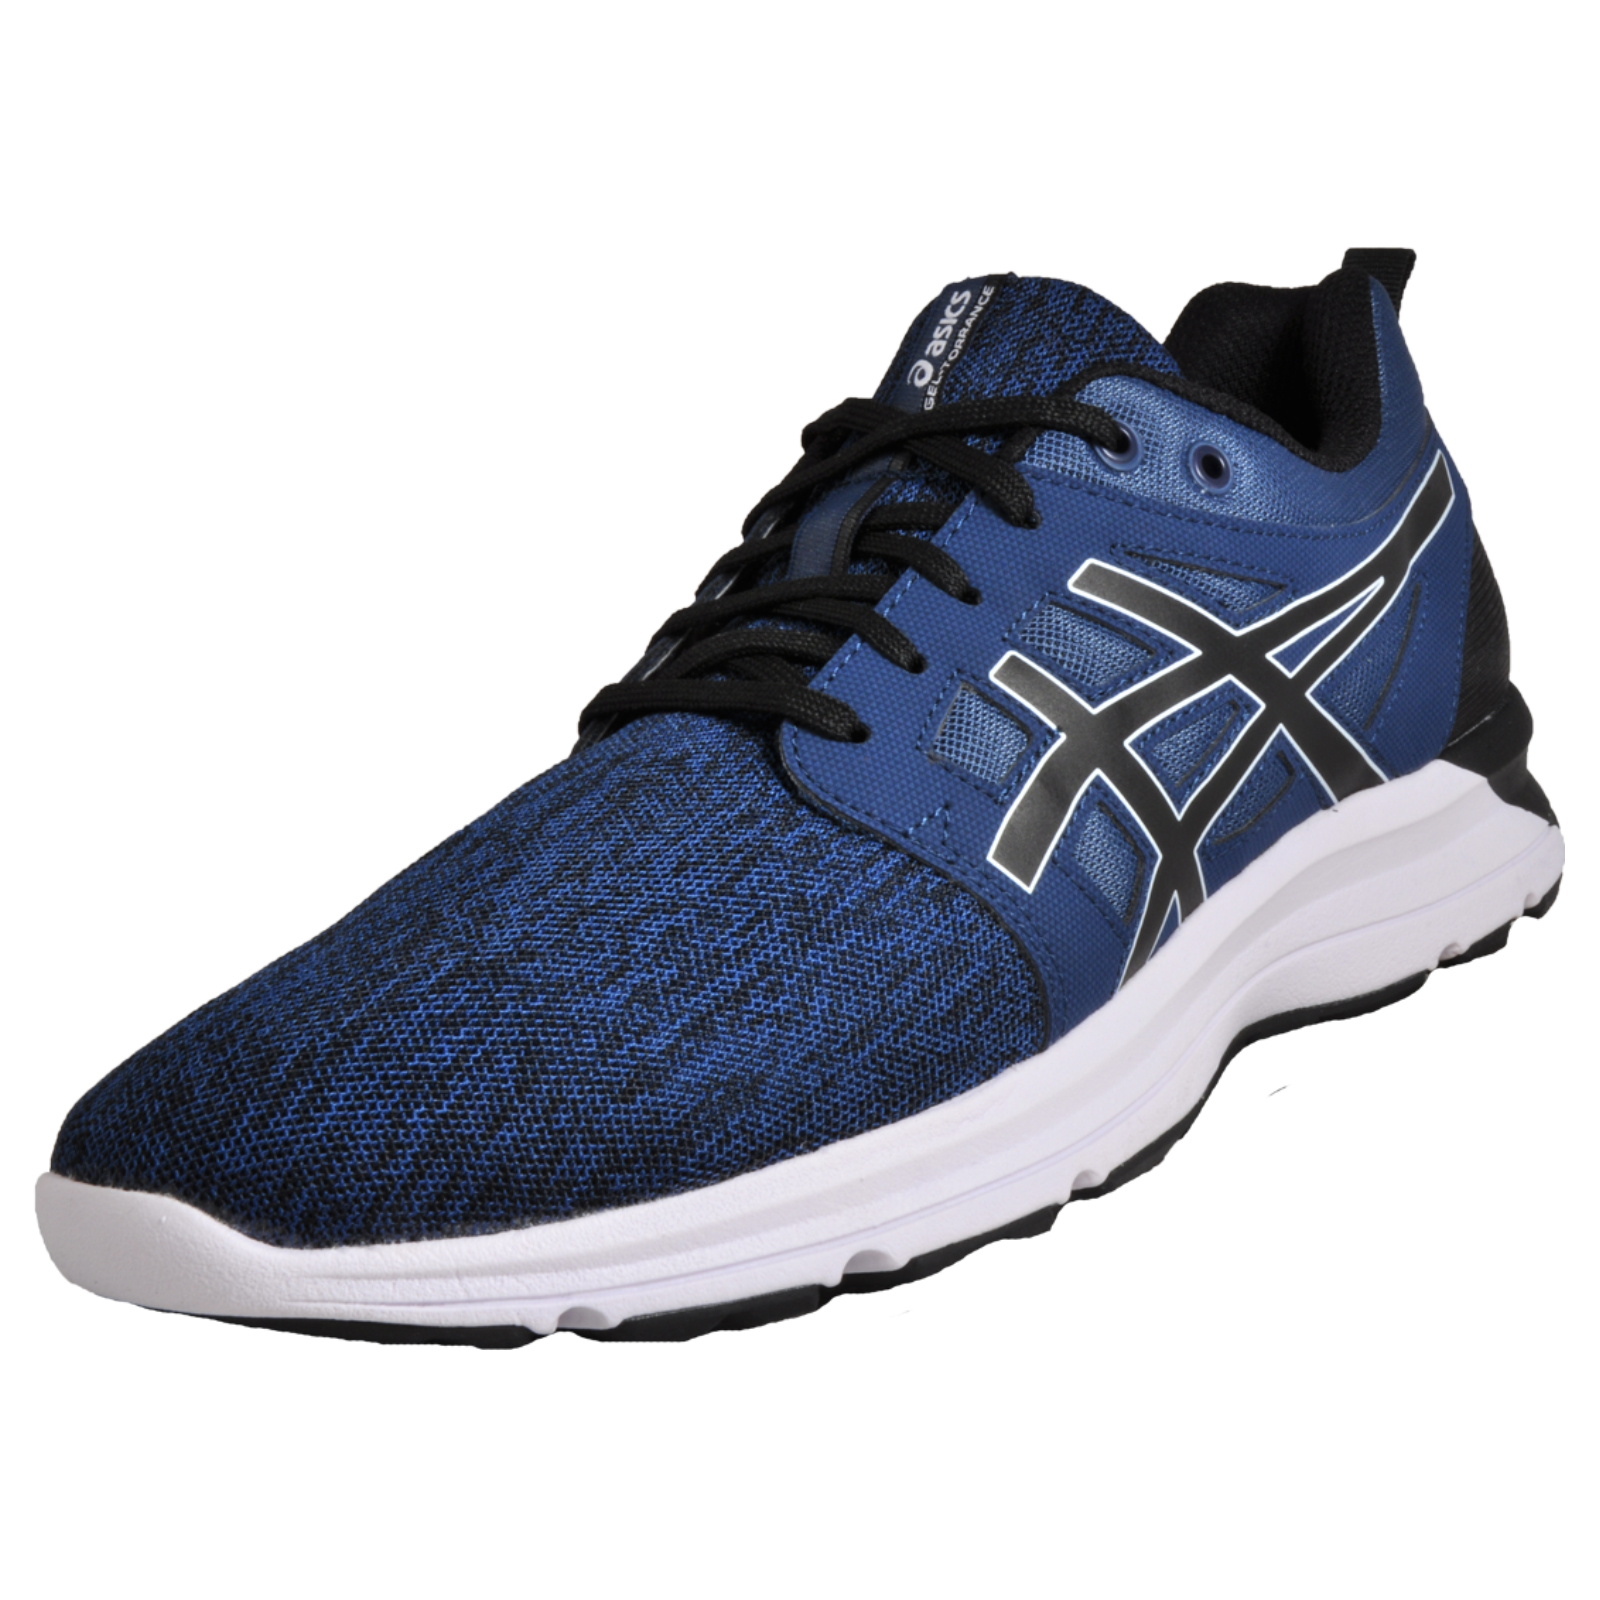 Detalles acerca de Asics Gel Torrance Para Hombre Zapatillas Para Correr  Fitness Gym Entrenamiento Zapatillas Azul- mostrar título original f81c7c0f7a86f